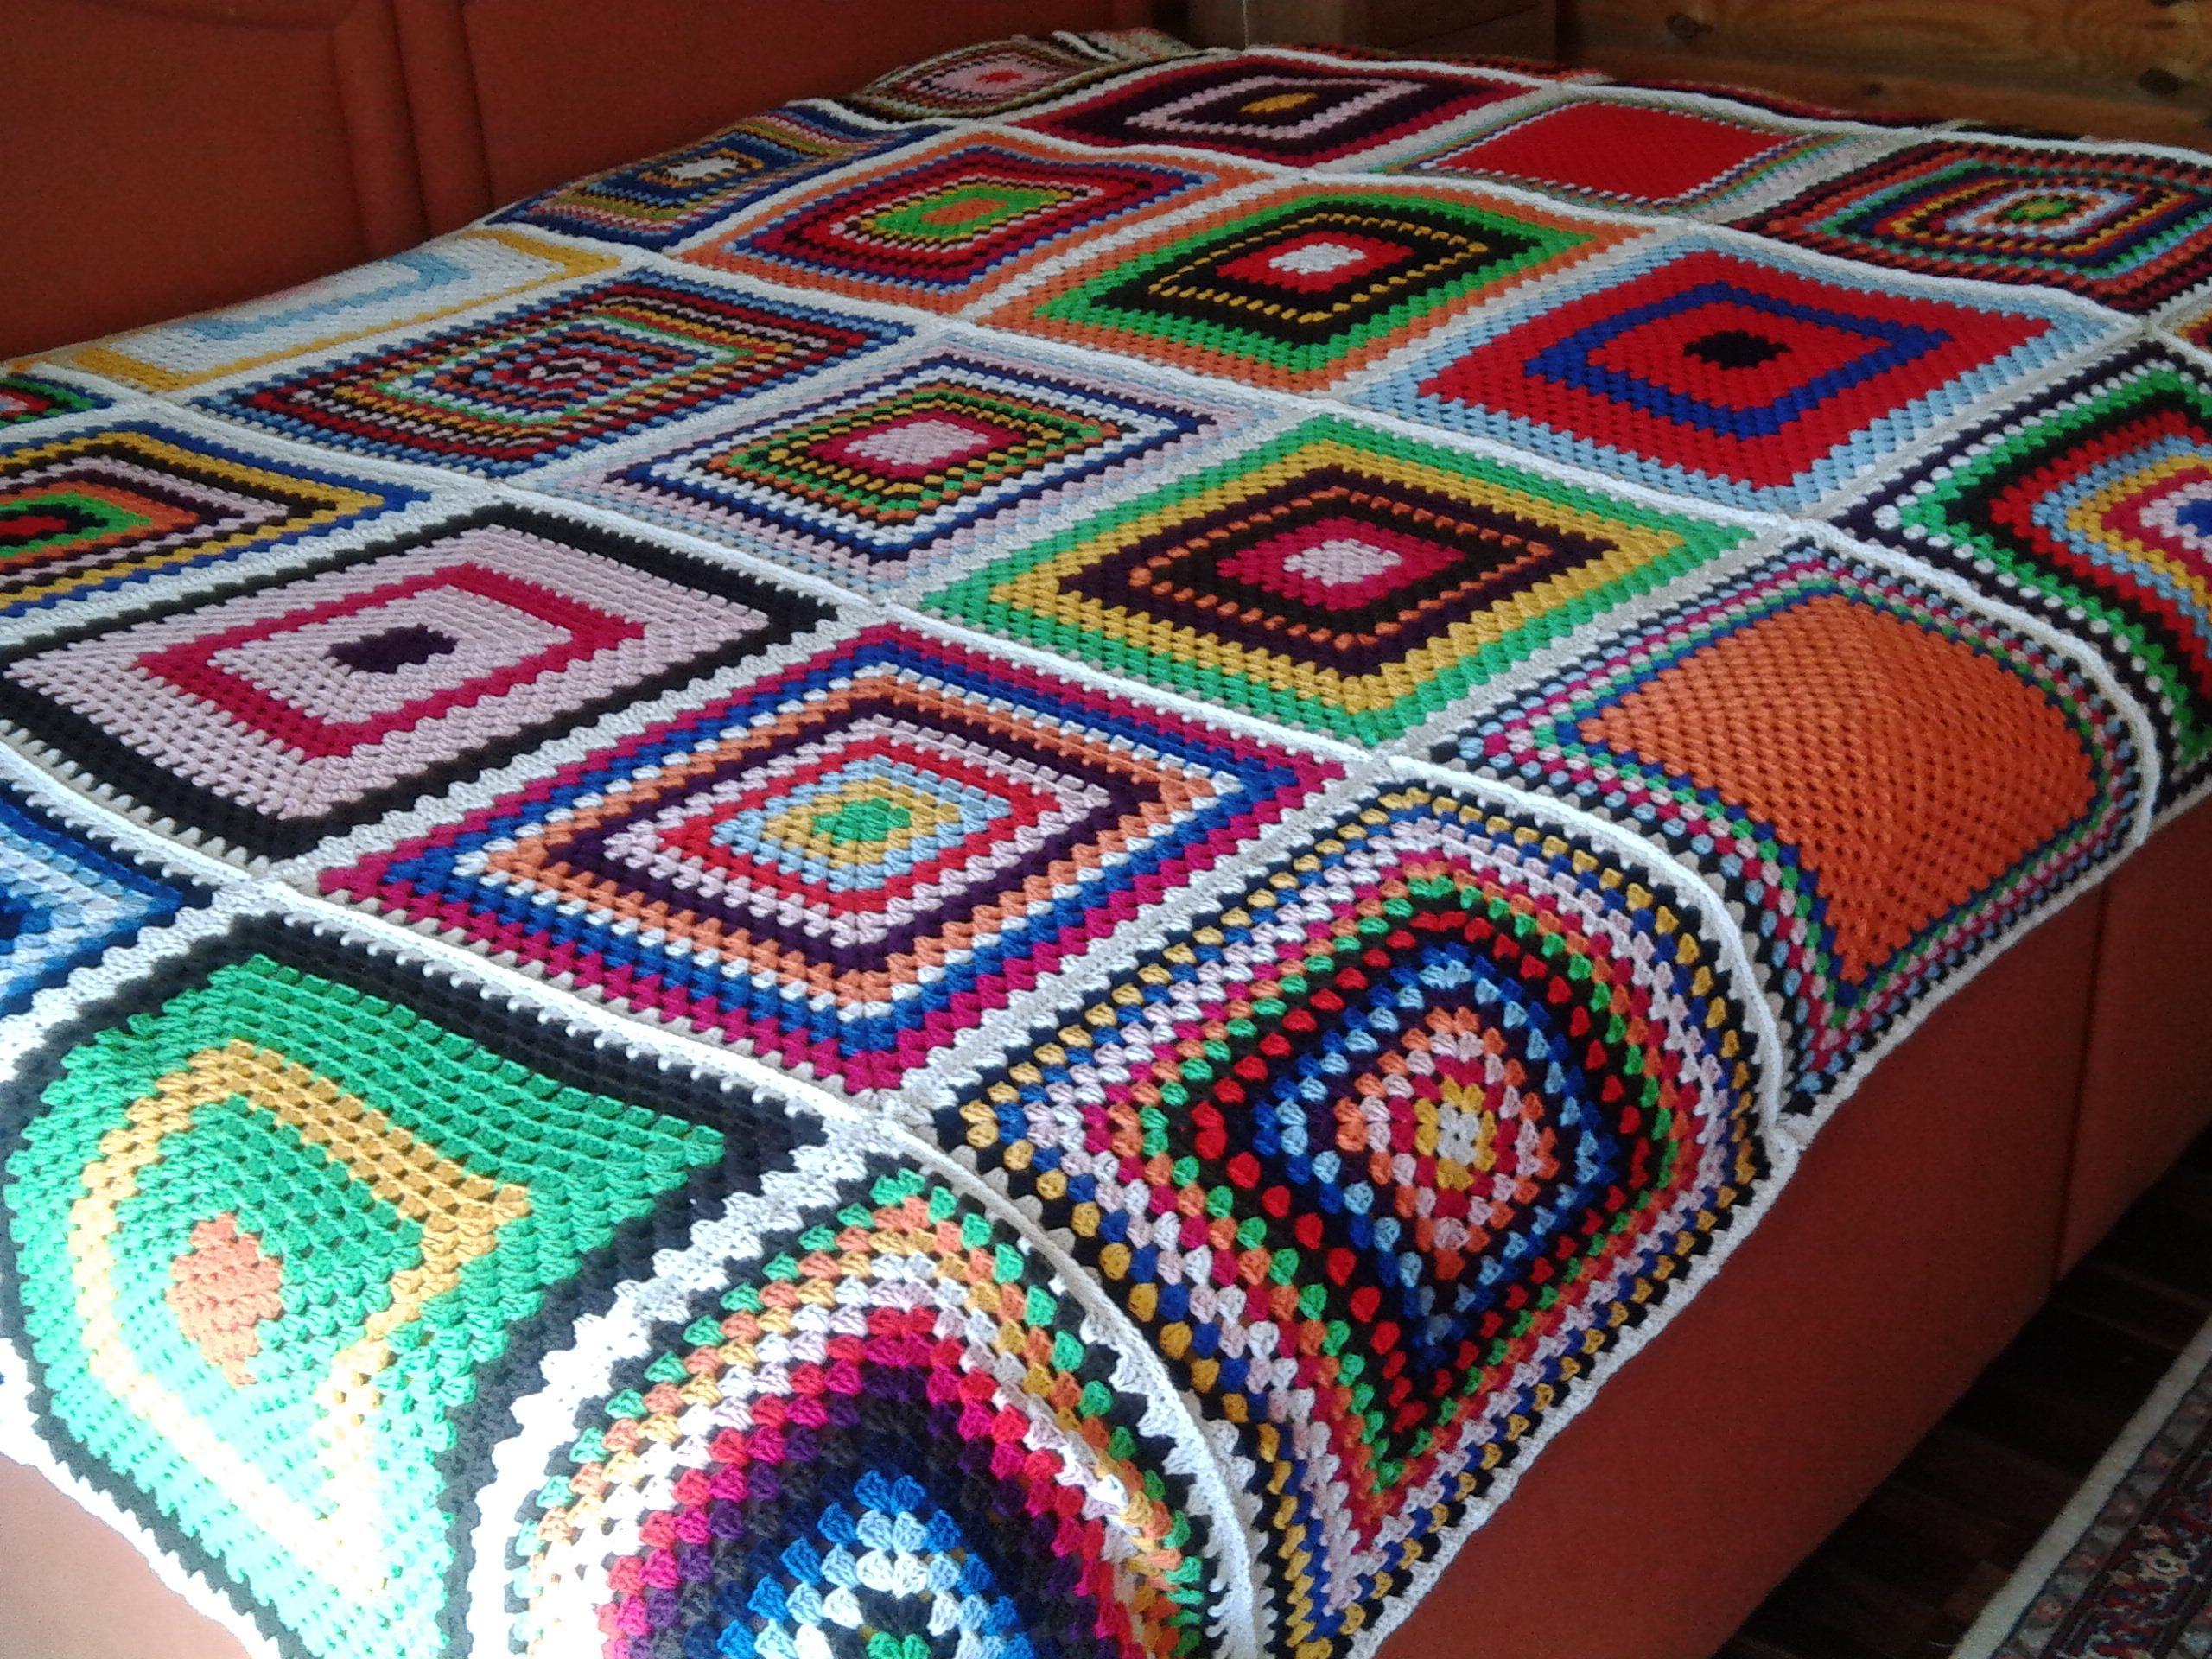 Meine erste Decke. Im November habe ich häkeln gelernt. Ich habe viele Quadrate zum Üben gemacht und jetzt habe einfach alles kunterbunt zusammengenäht. Sie ist nicht perfekt, aber mein erstes Stück.